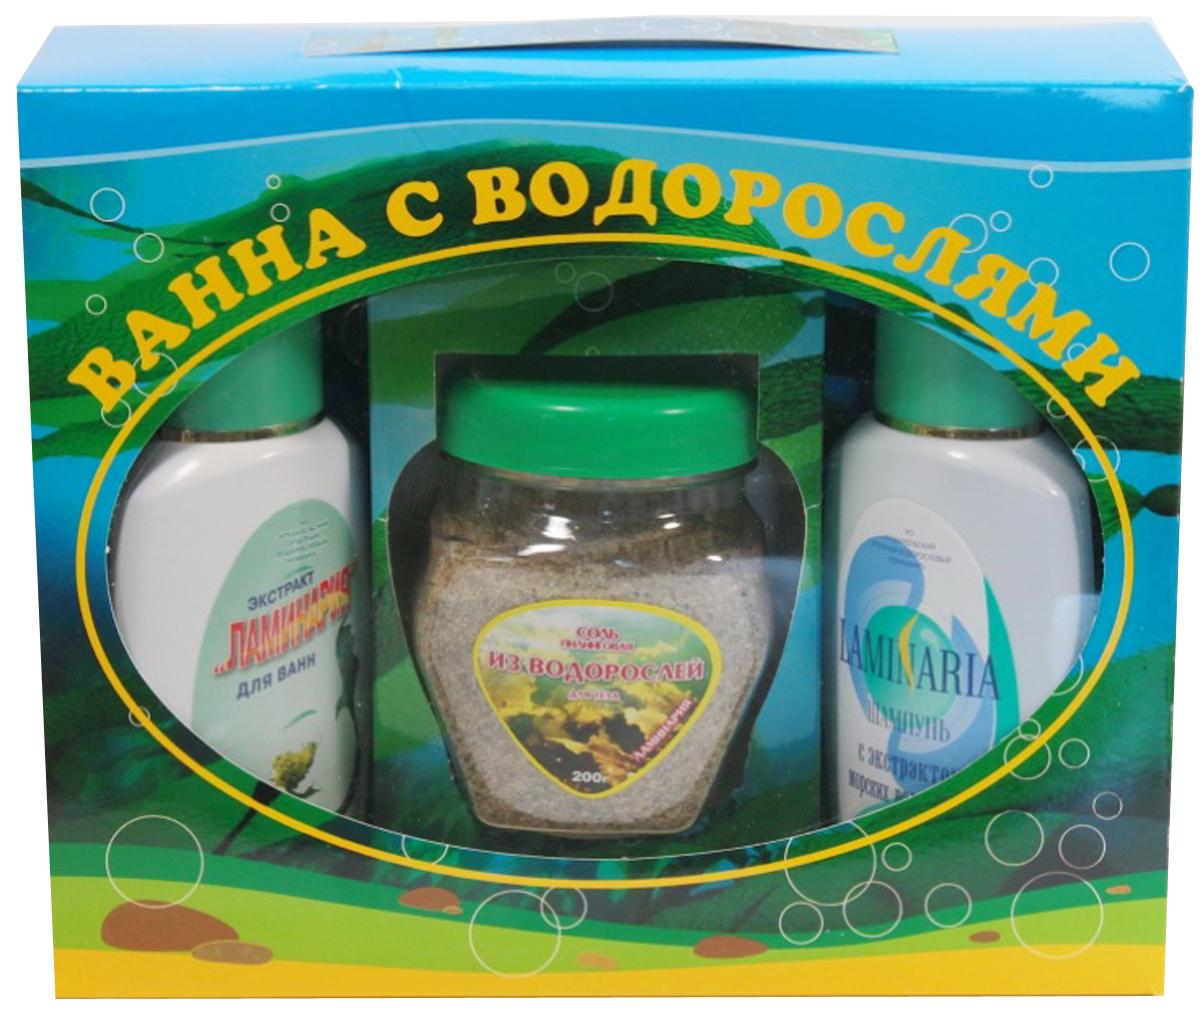 АОВК Набор косметический Ванна с водорослями: Пилинговая соль из водорослей Ламинария + Шампунь Ламинария с морскими водорослями + Экстракт Ламинария для ванн ламинария водоросли в порошке купить в аптеке цена